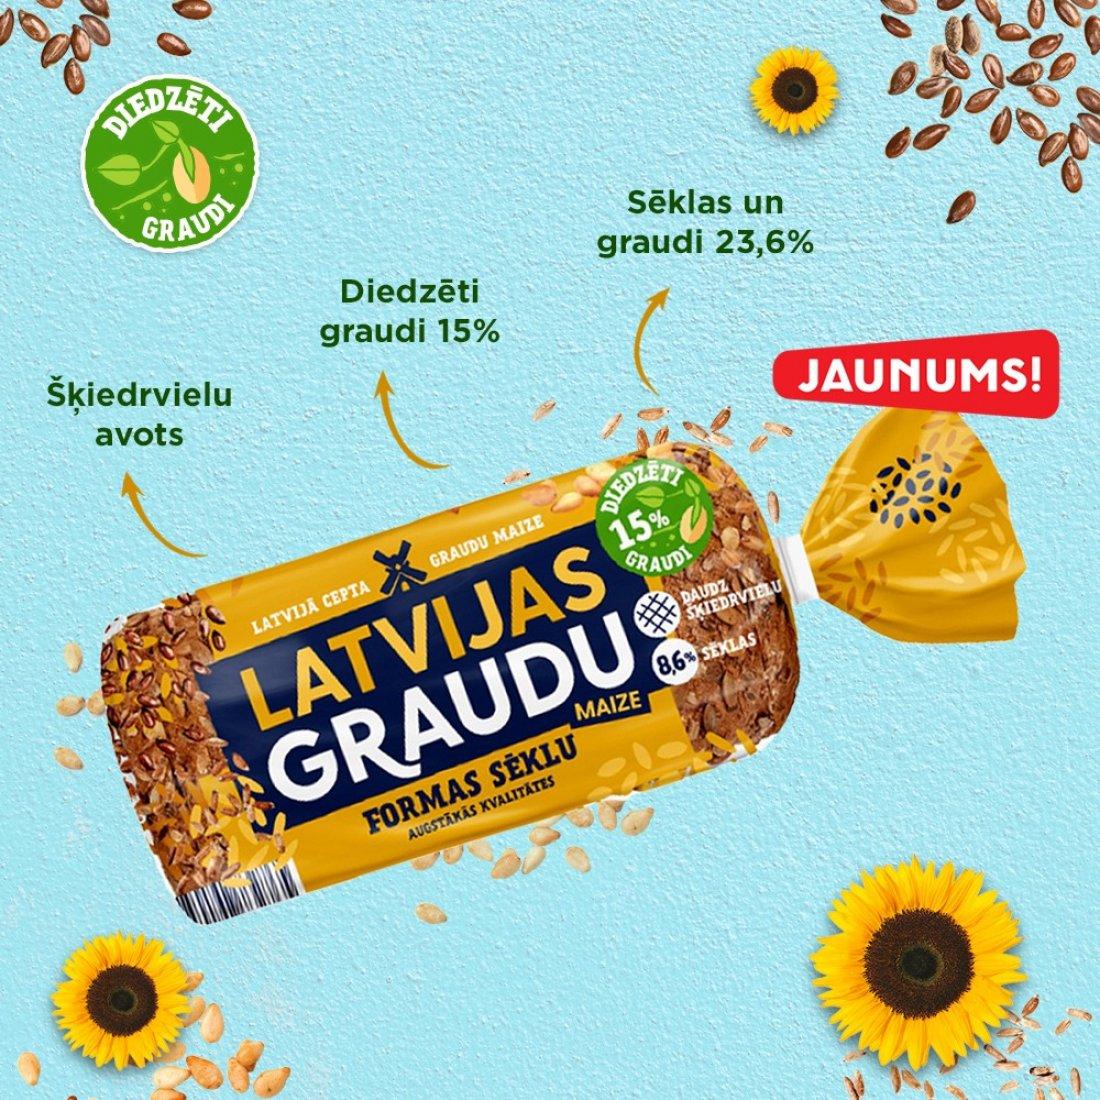 НОВИНКА! Latvijas Graudu формовой хлеб с семечками